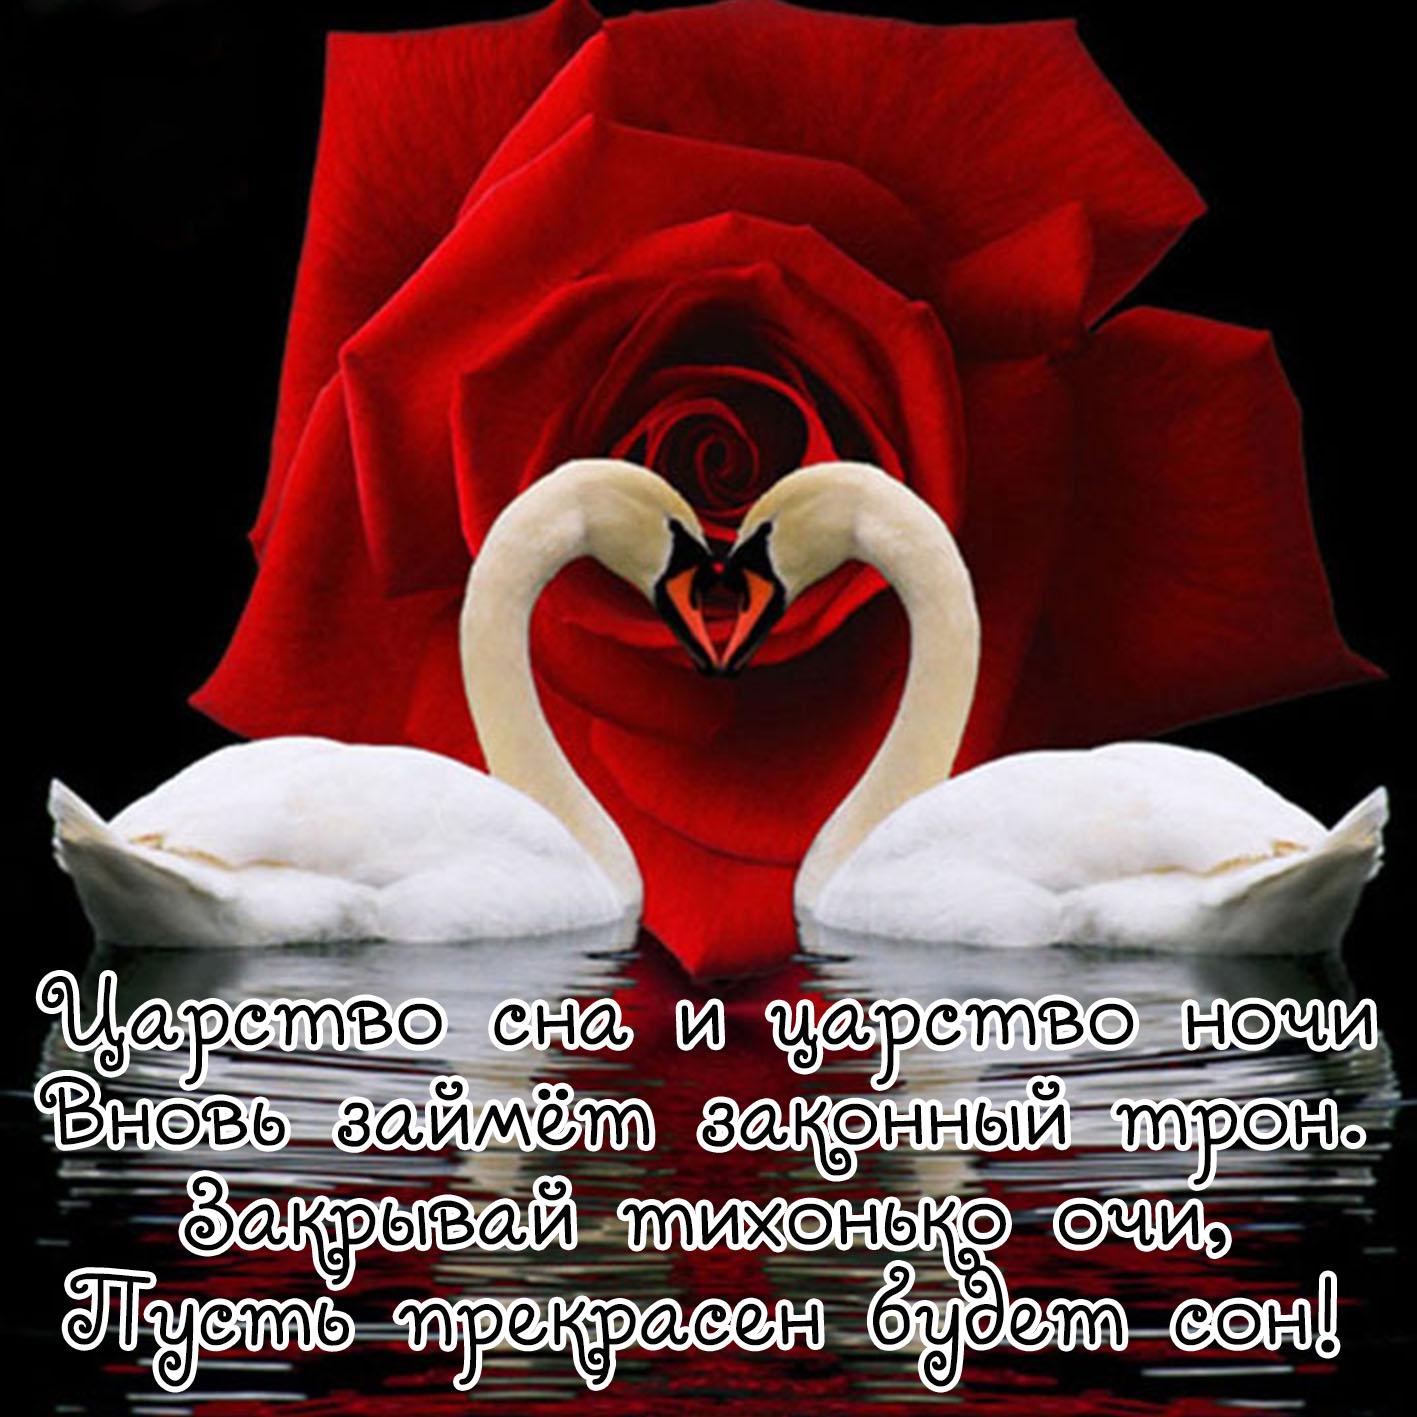 Картинка спокойной ночи с лебедями и красной розой